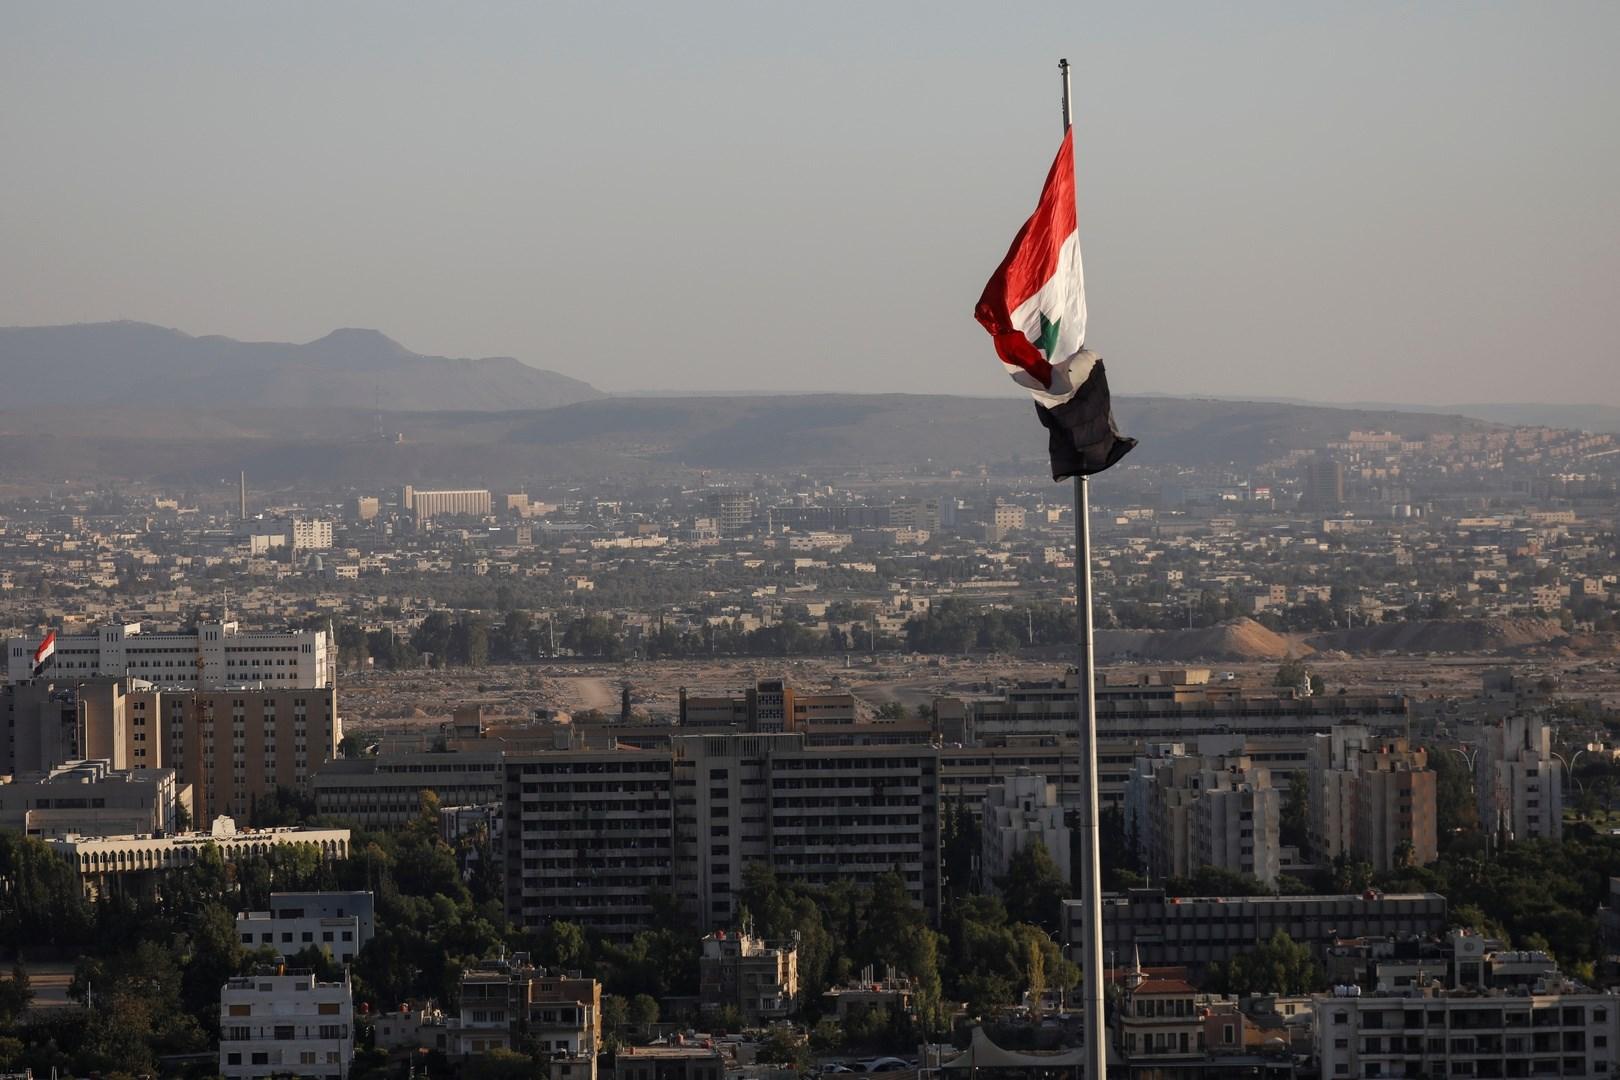 الاتفاقية السّورية الإيرانيّة.. رسالةٌ أو قرار مواجهة؟